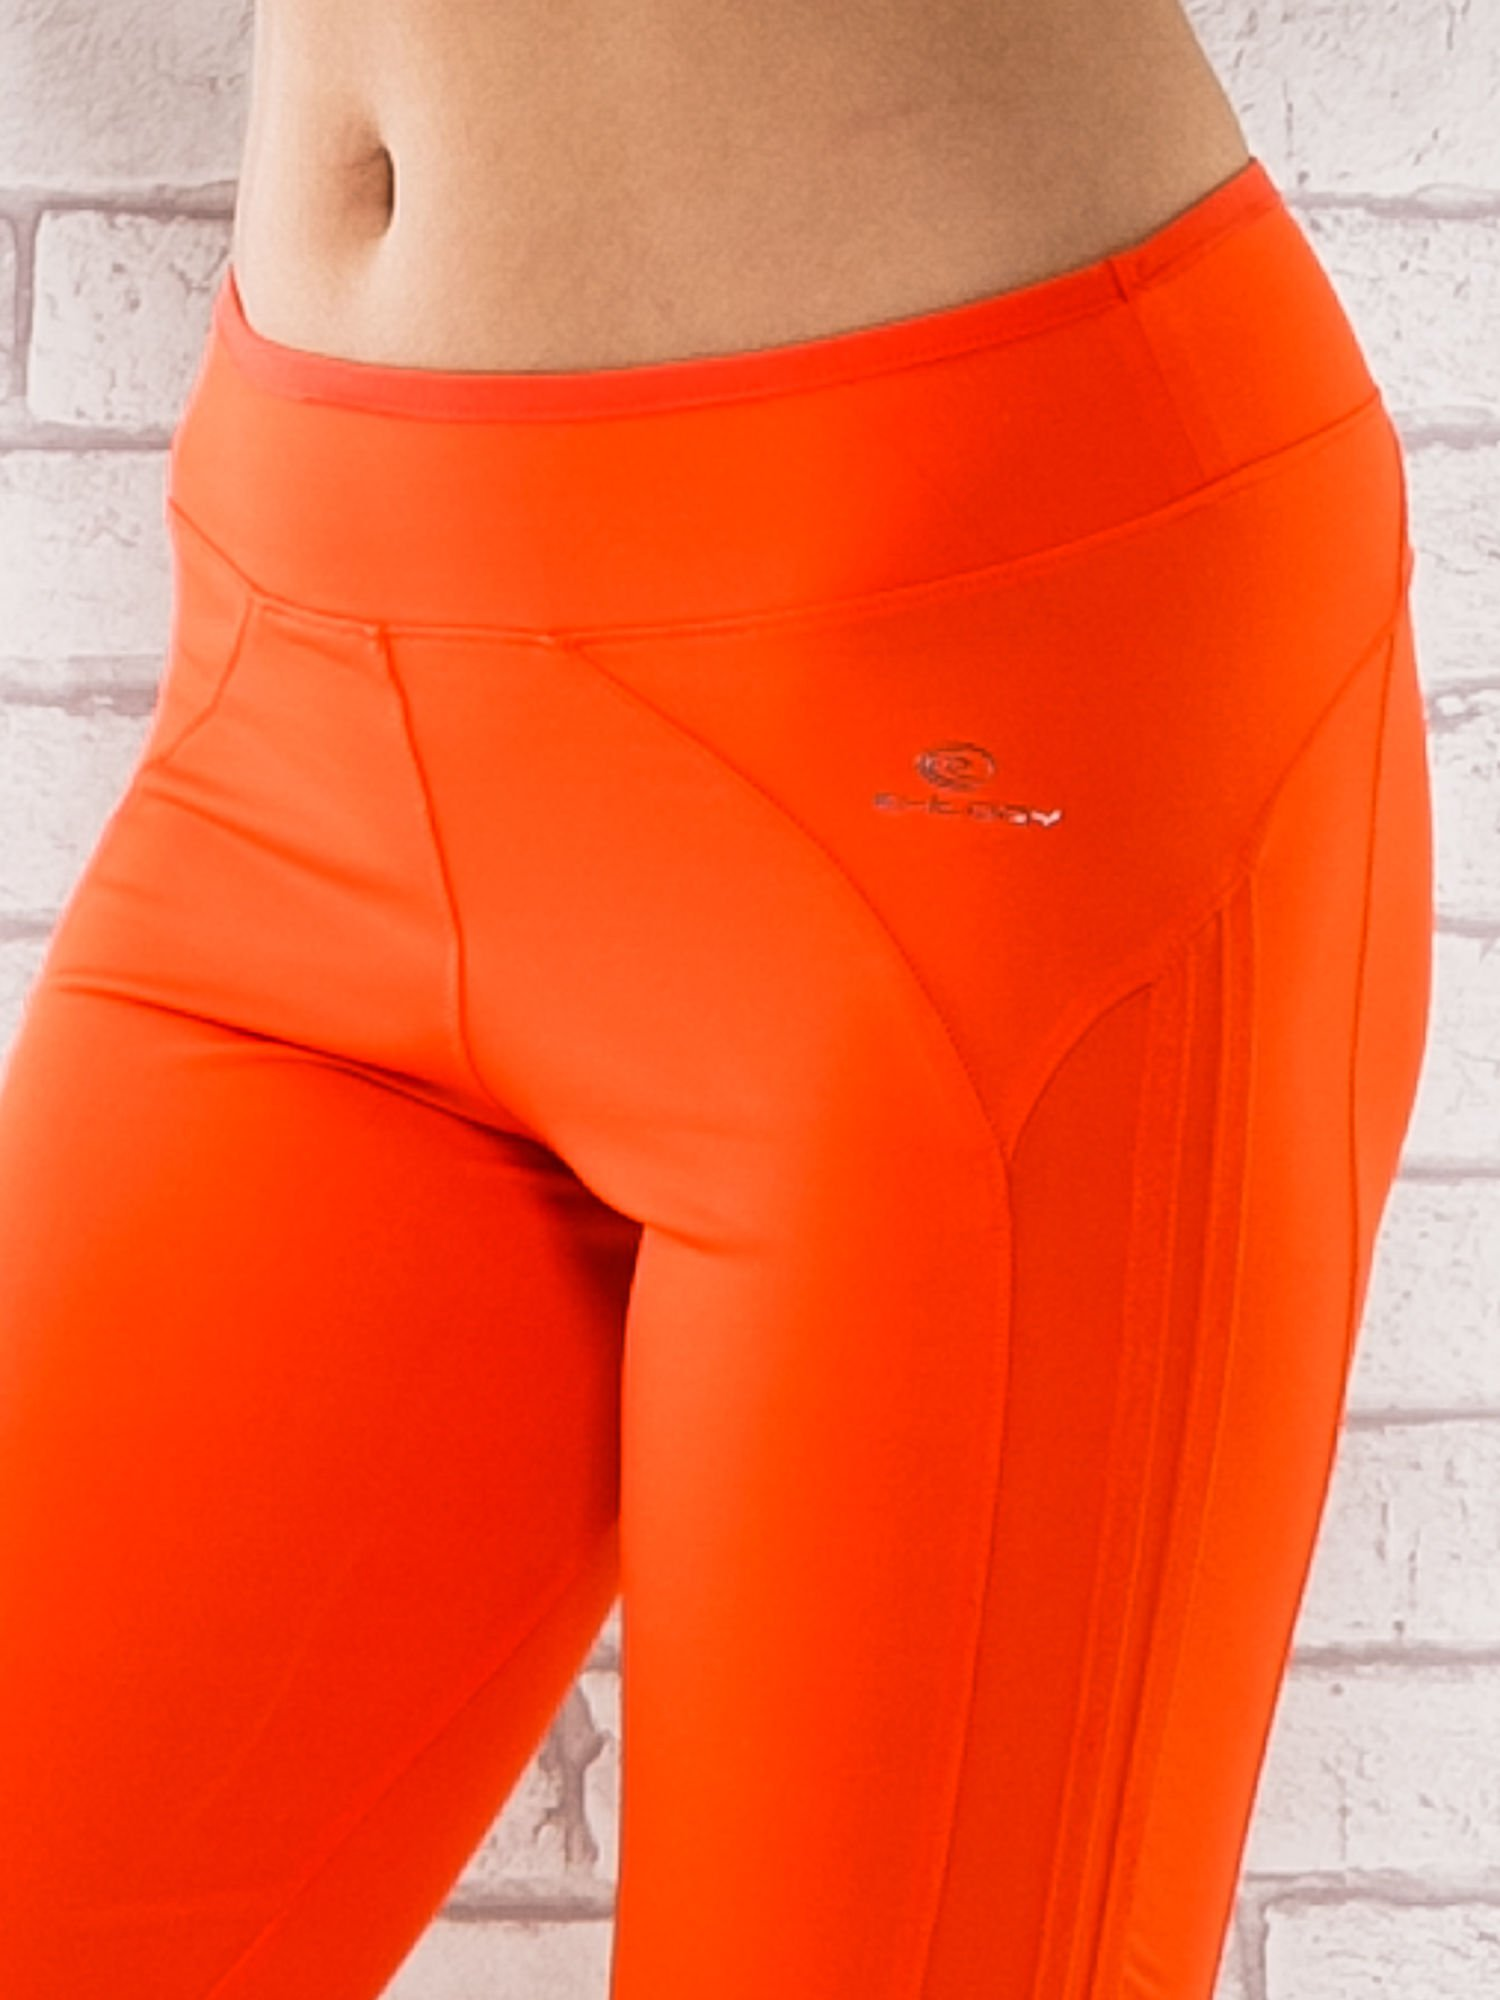 Pomarańczowe legginsy 3/4 sportowe termalne z lampasami                                  zdj.                                  4